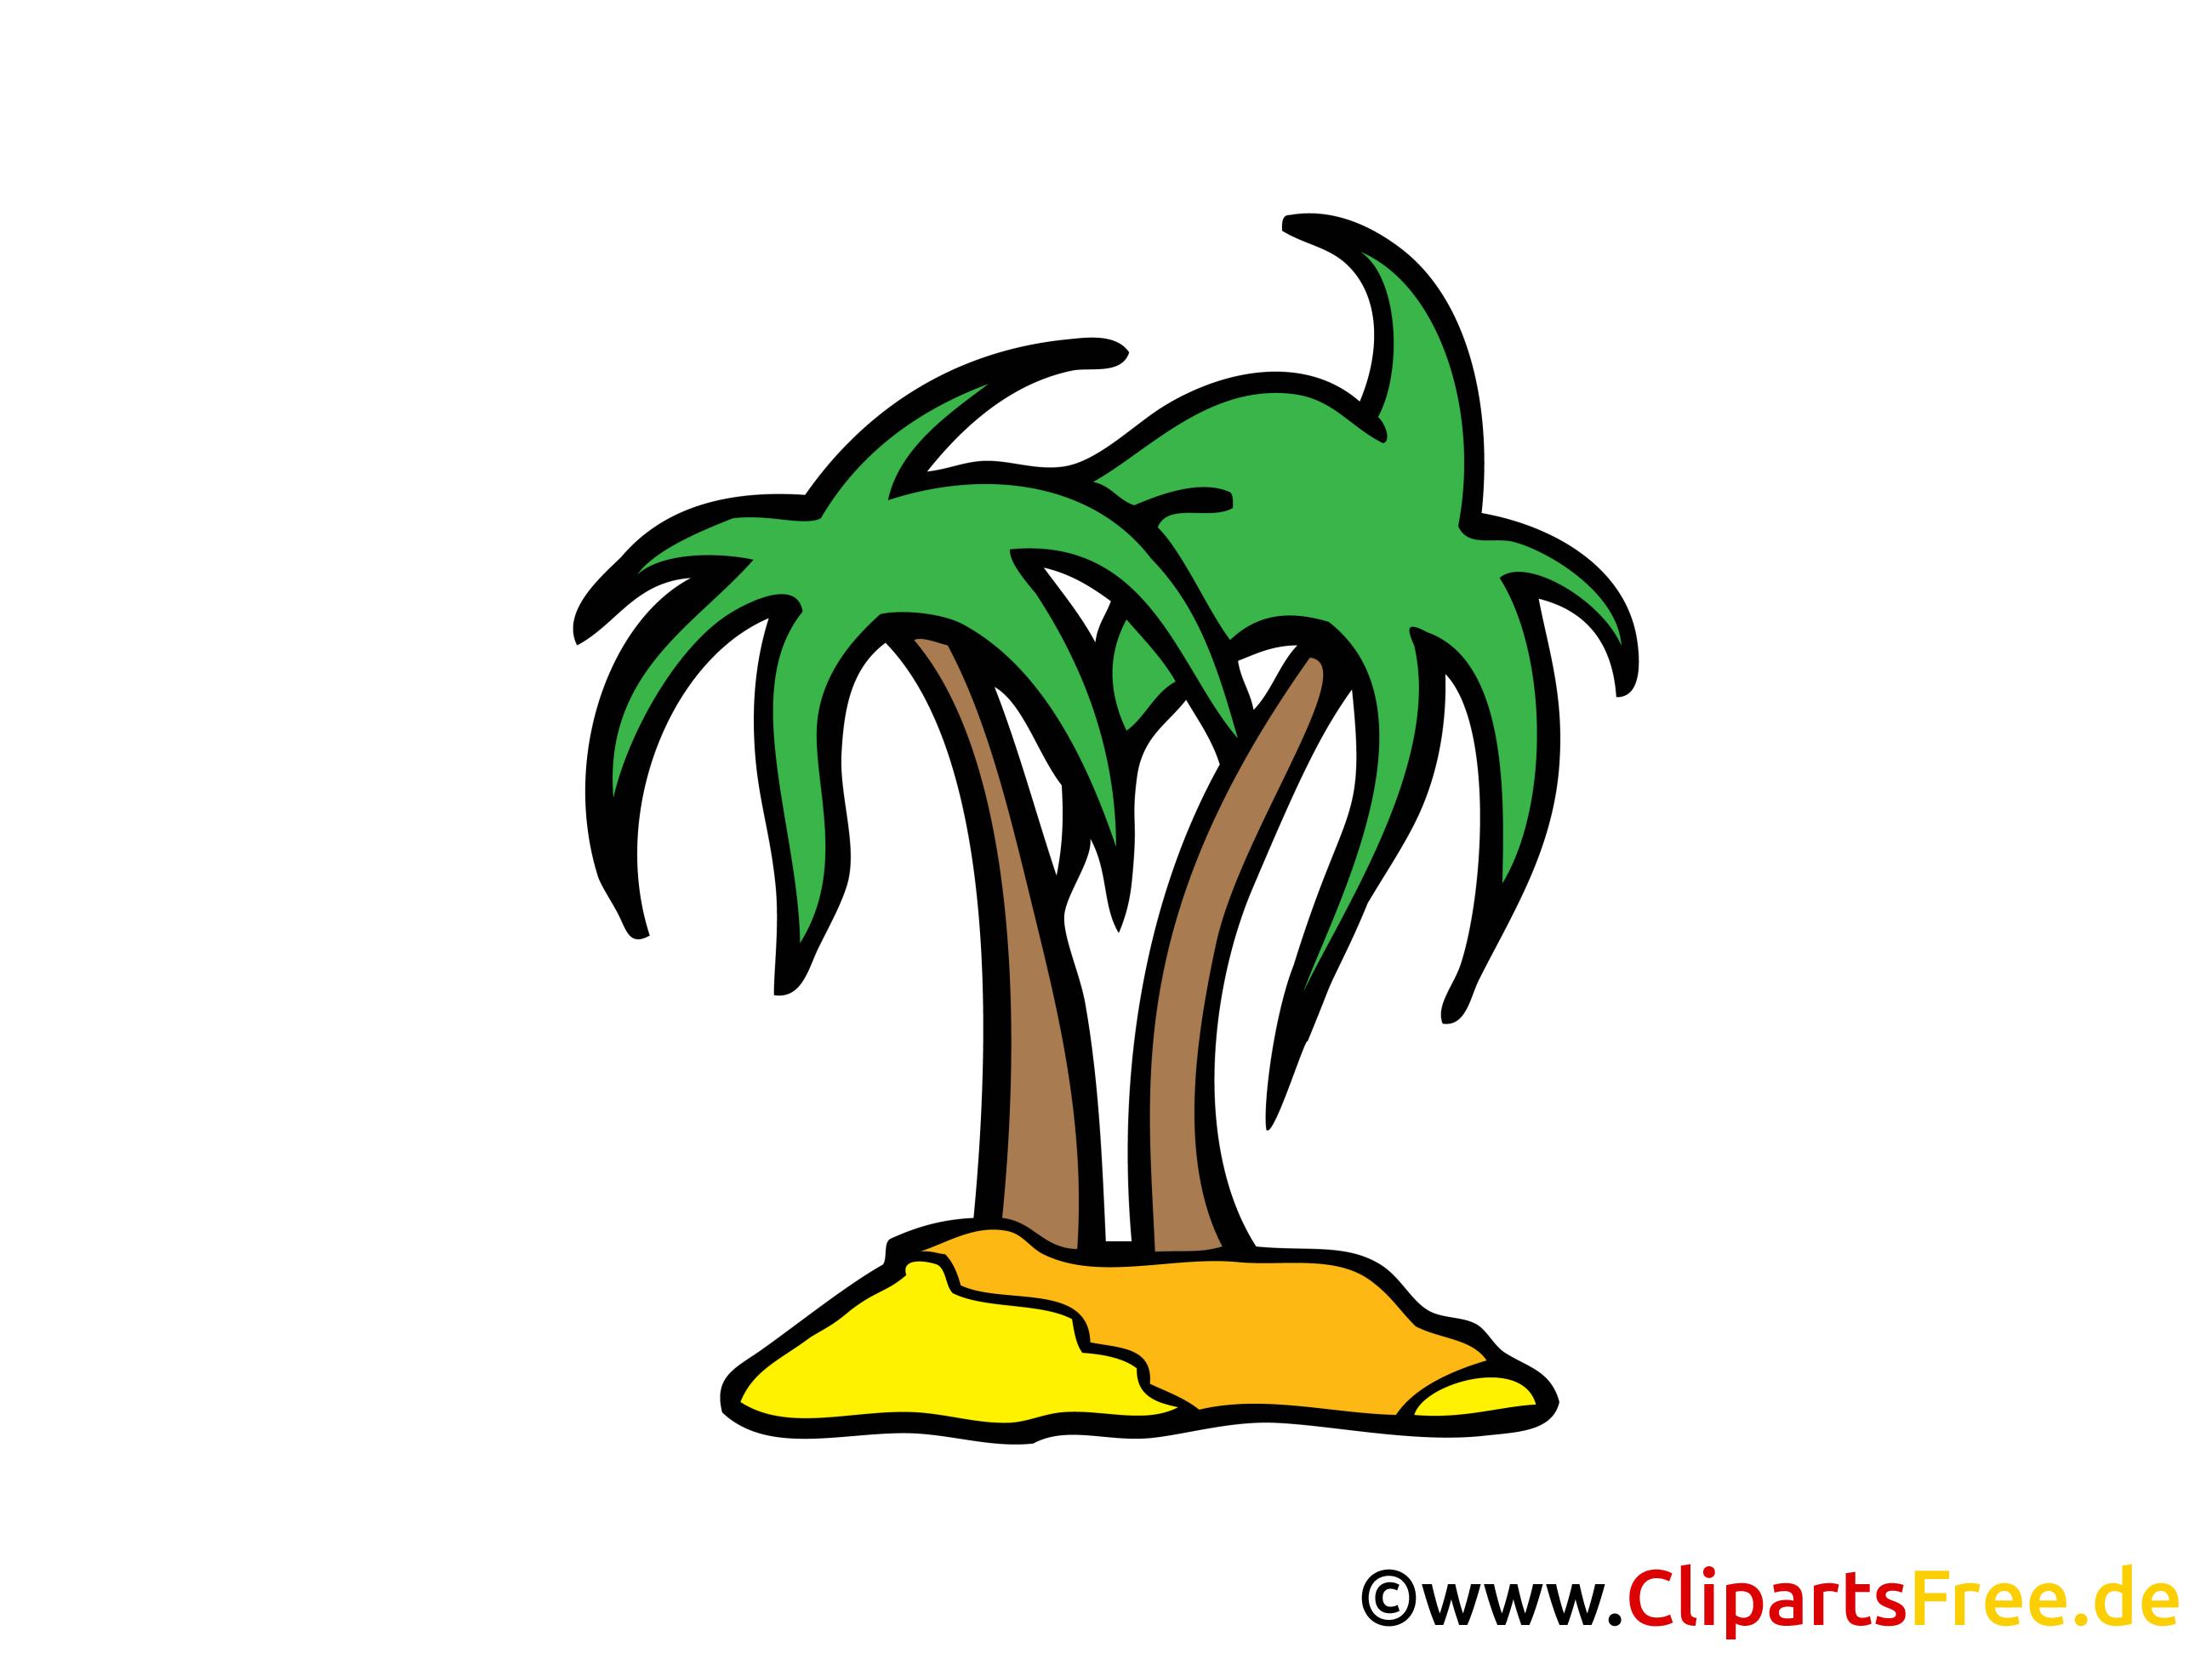 Palmier dessin gratuit le clip arts voyage dessin picture image graphic clip art - Palmier clipart ...